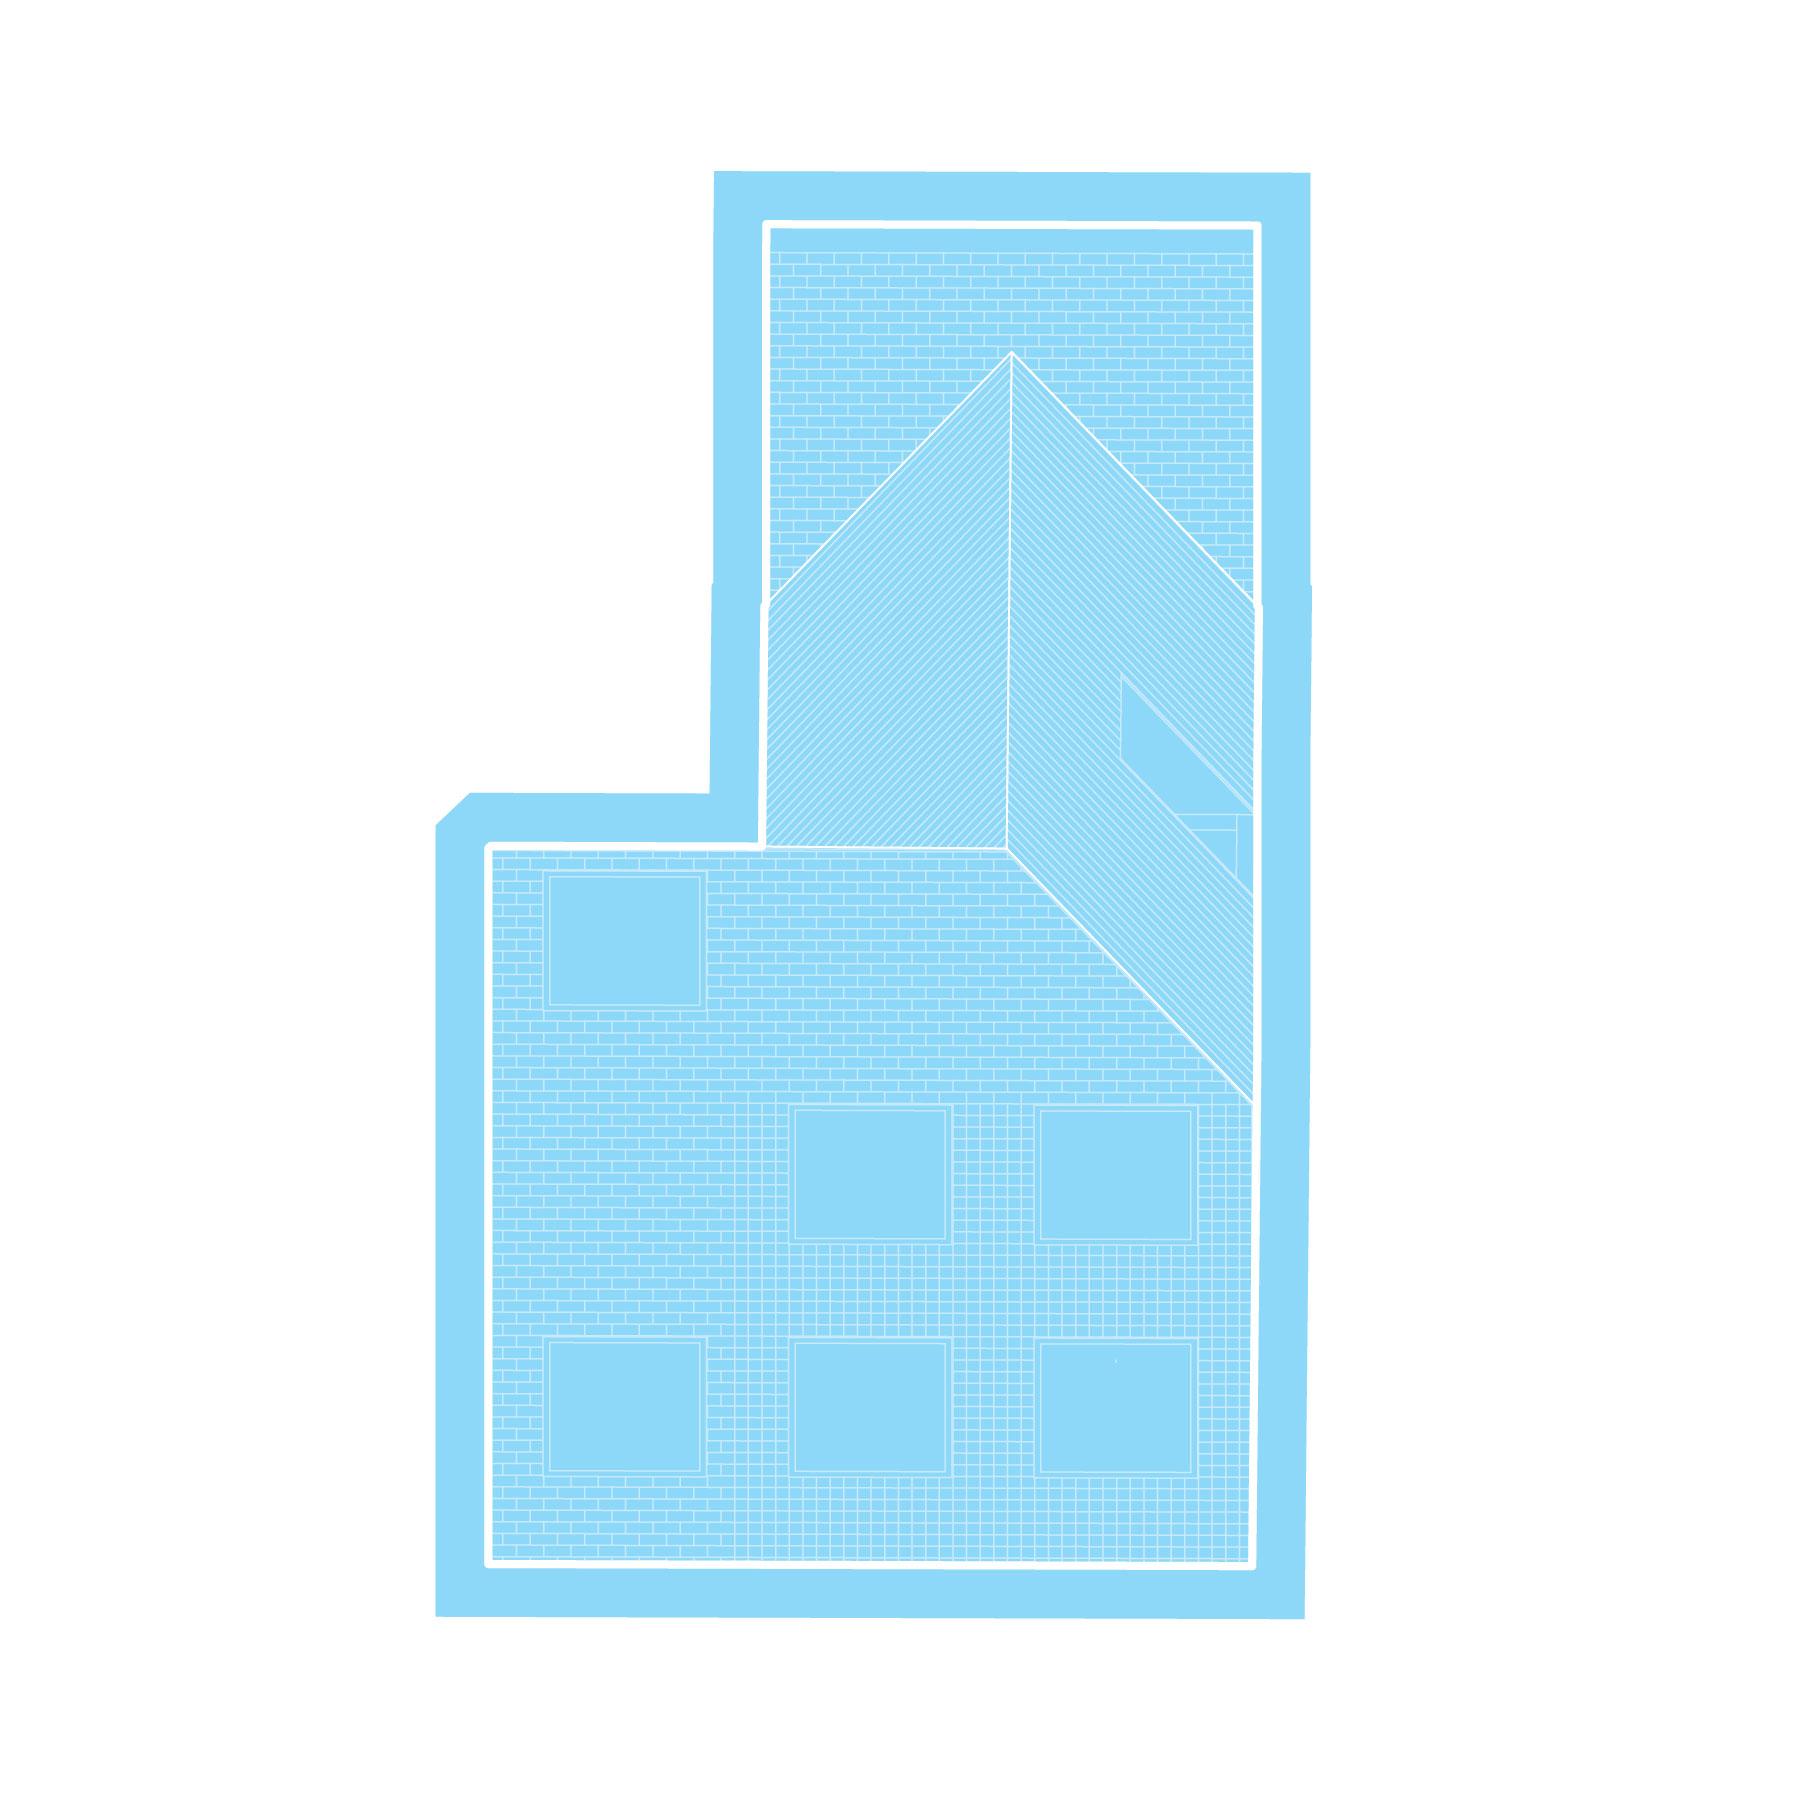 Isometric Composites-01.jpg